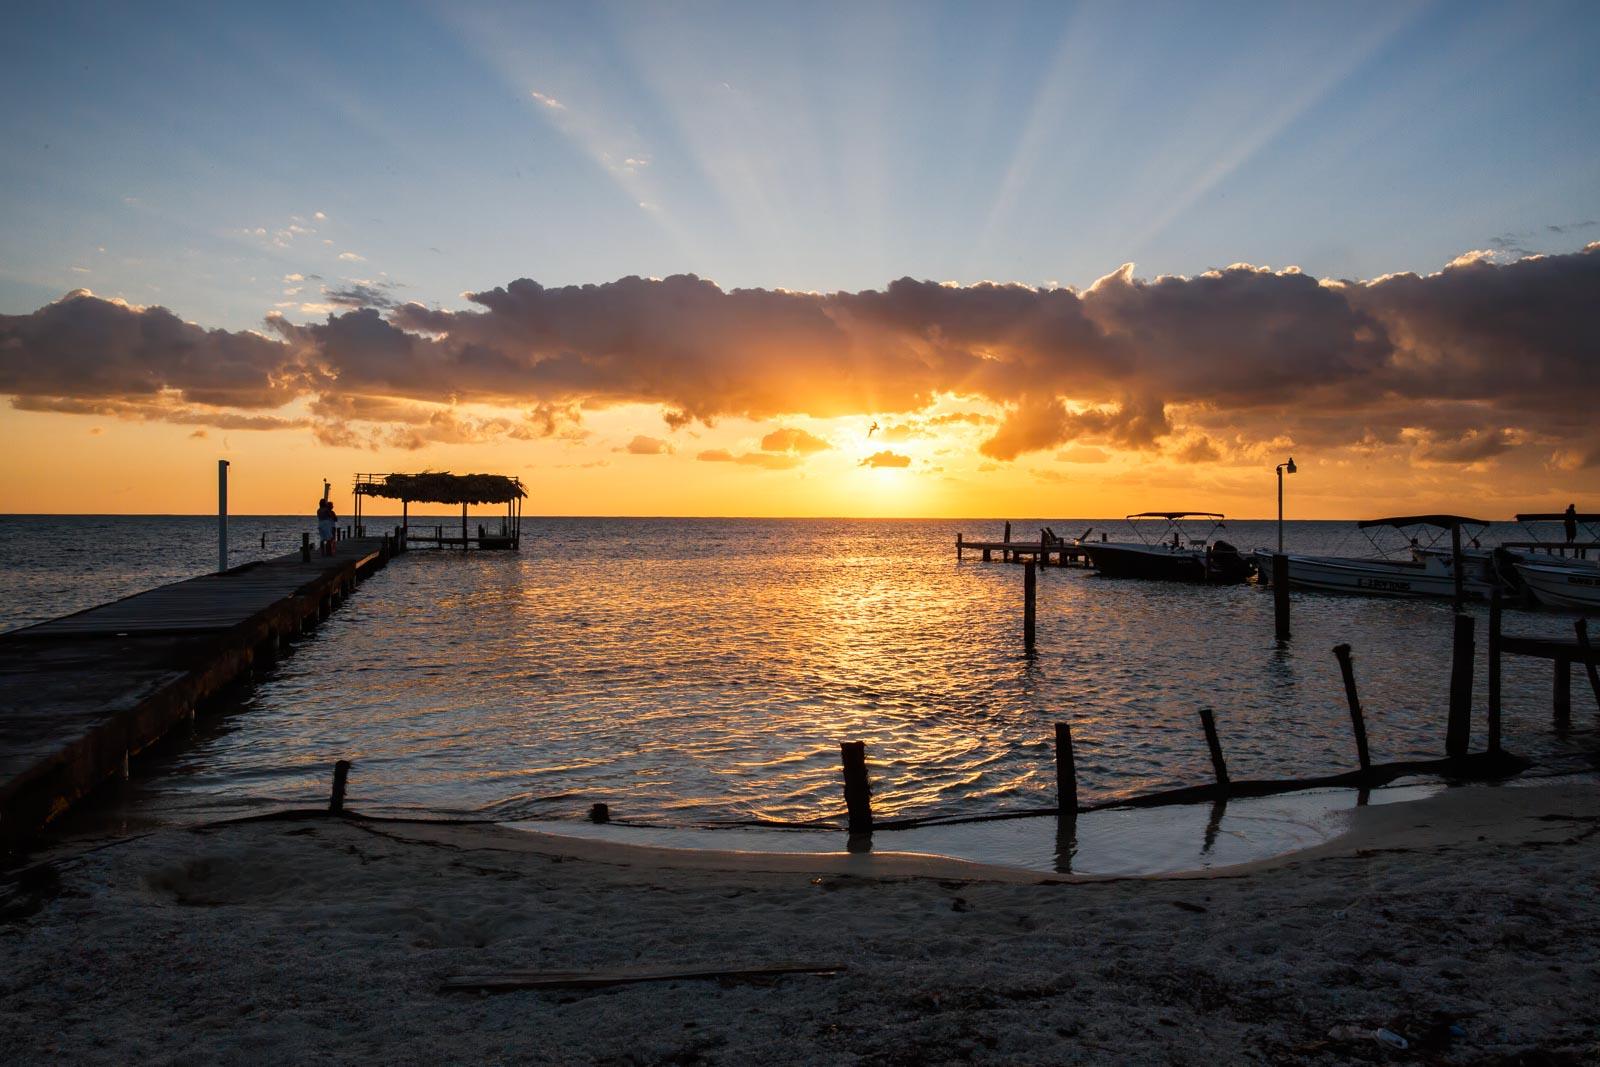 Pratt_Belize_41.jpg